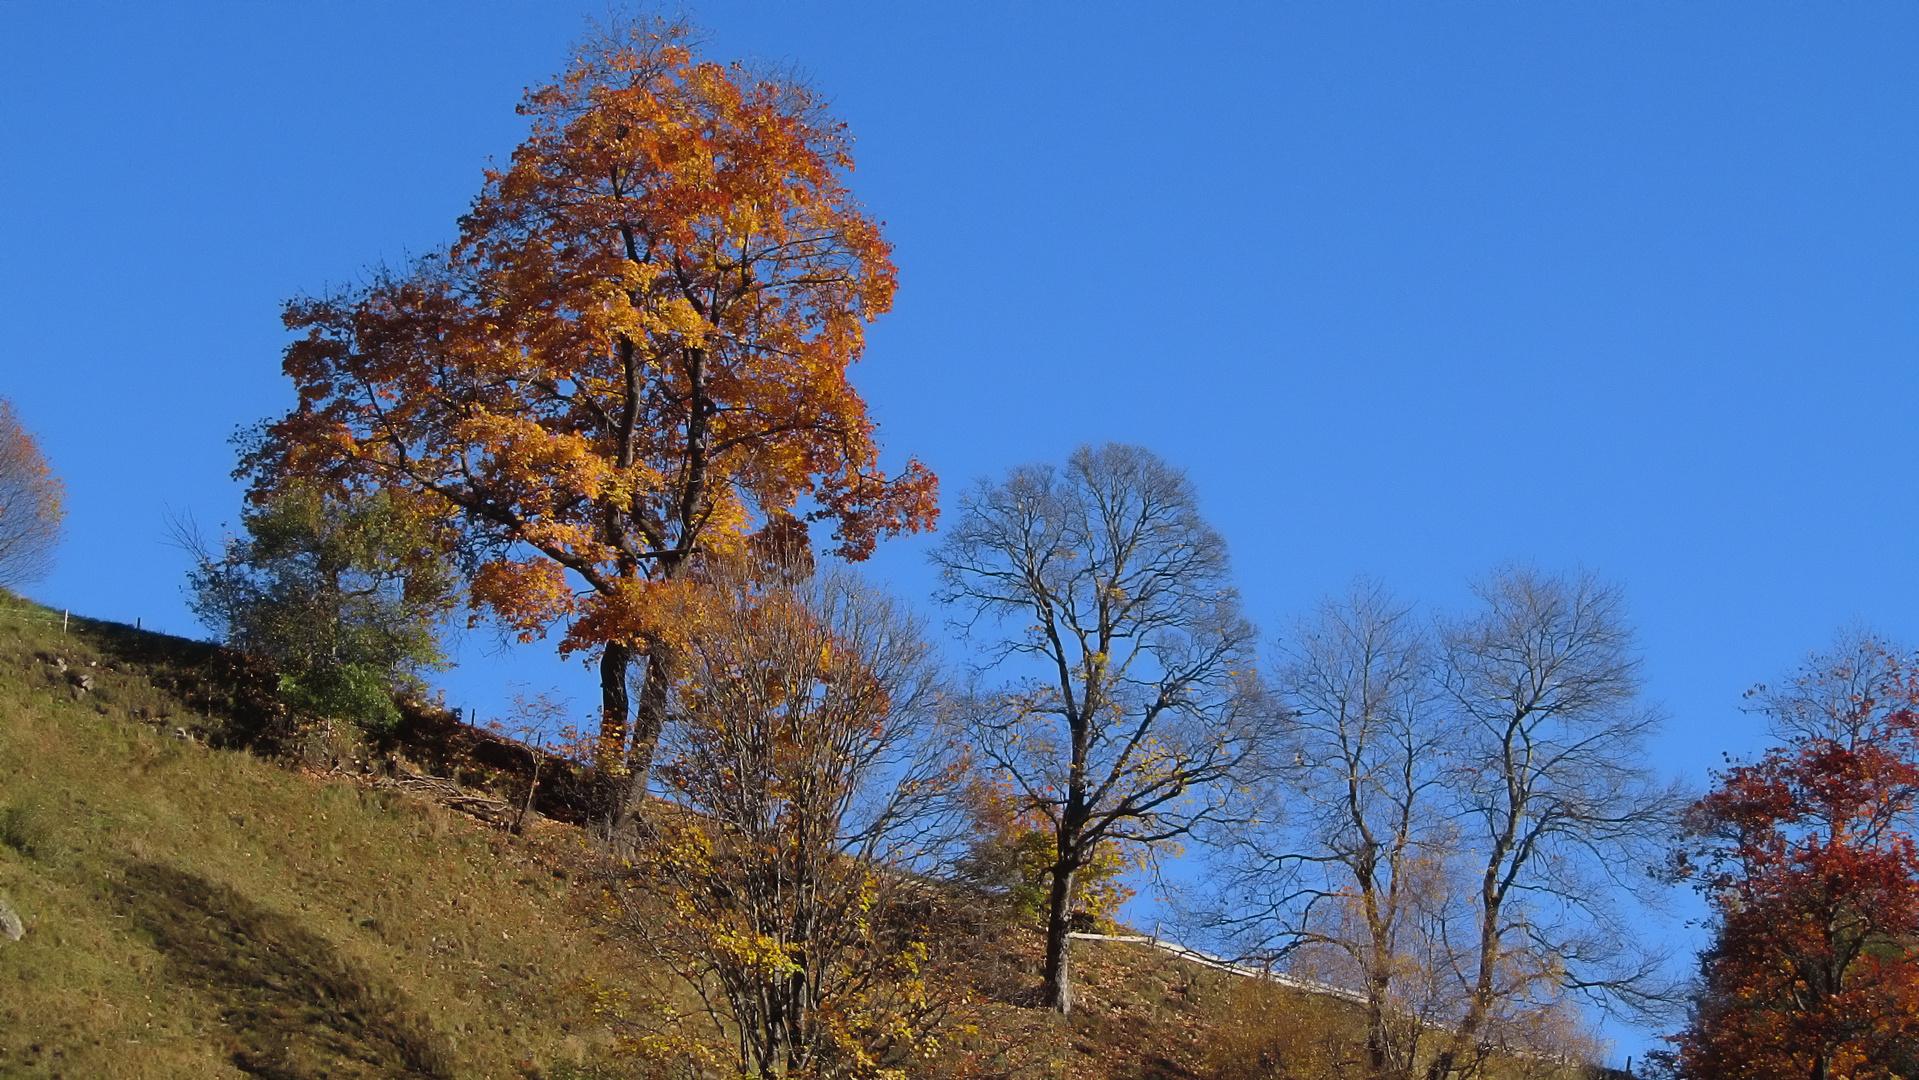 Die Blätter fallen schon